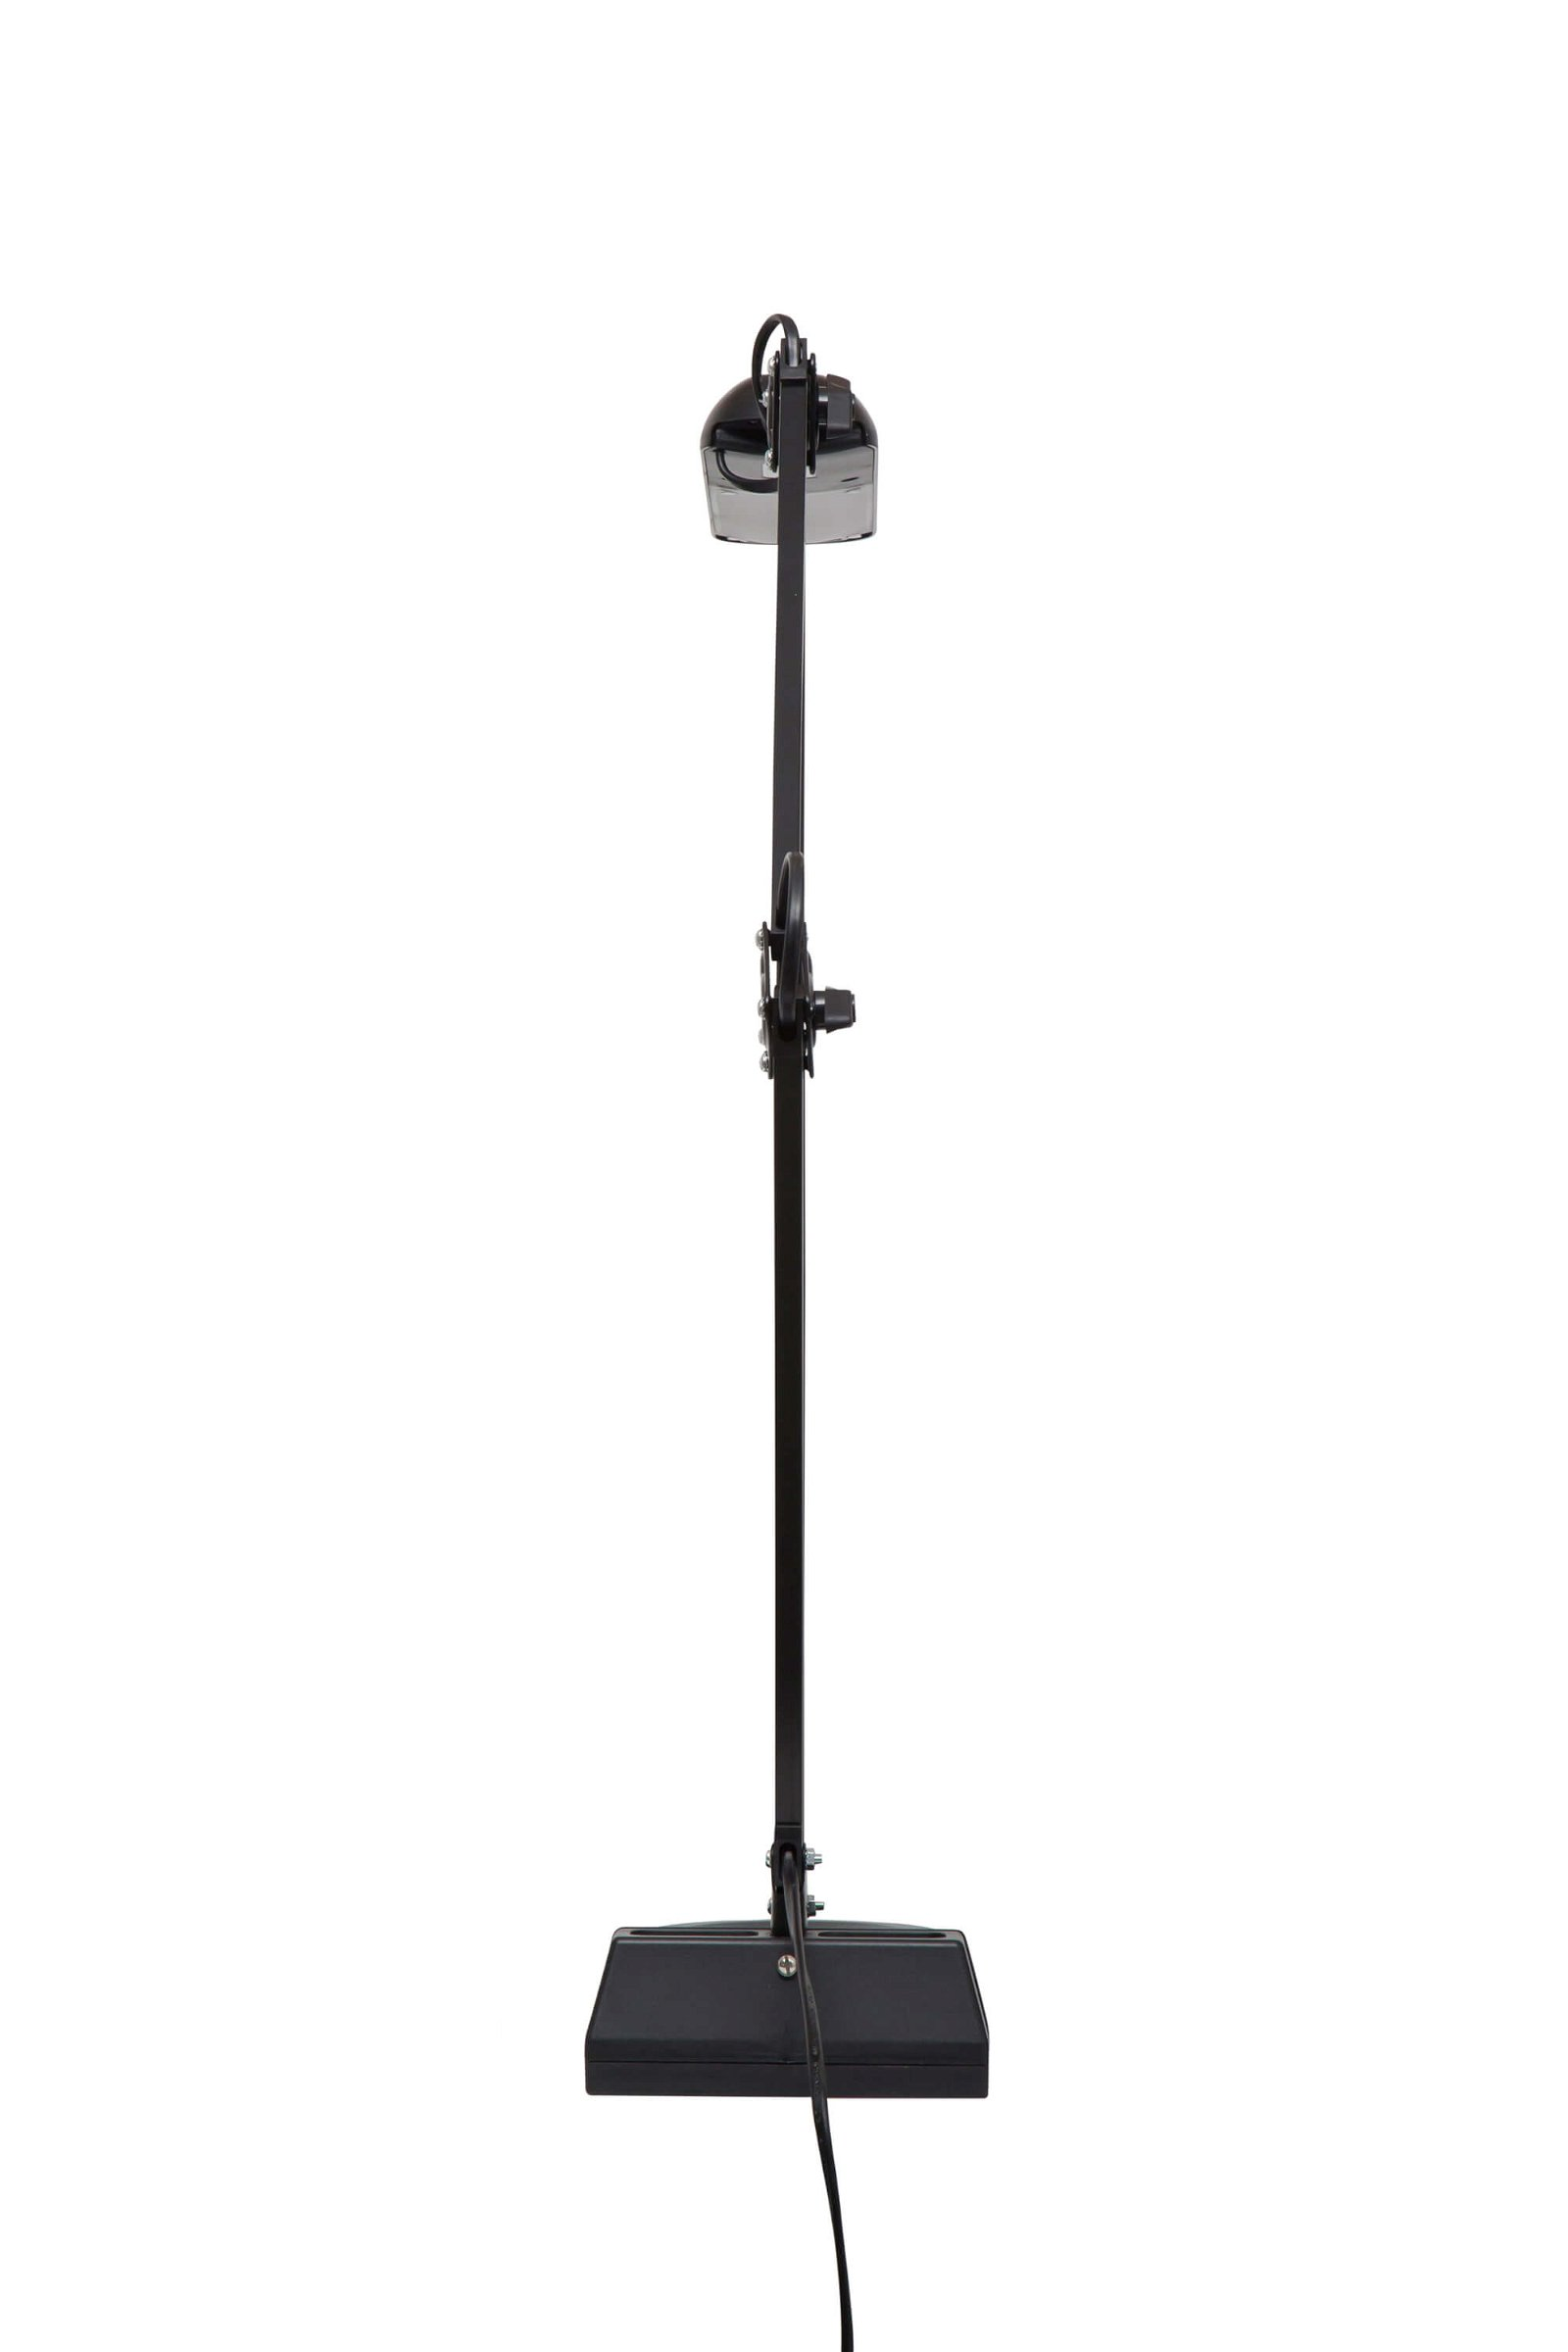 LED-Tischleuchte MAULatlantic, mit Standfuss, schwarz